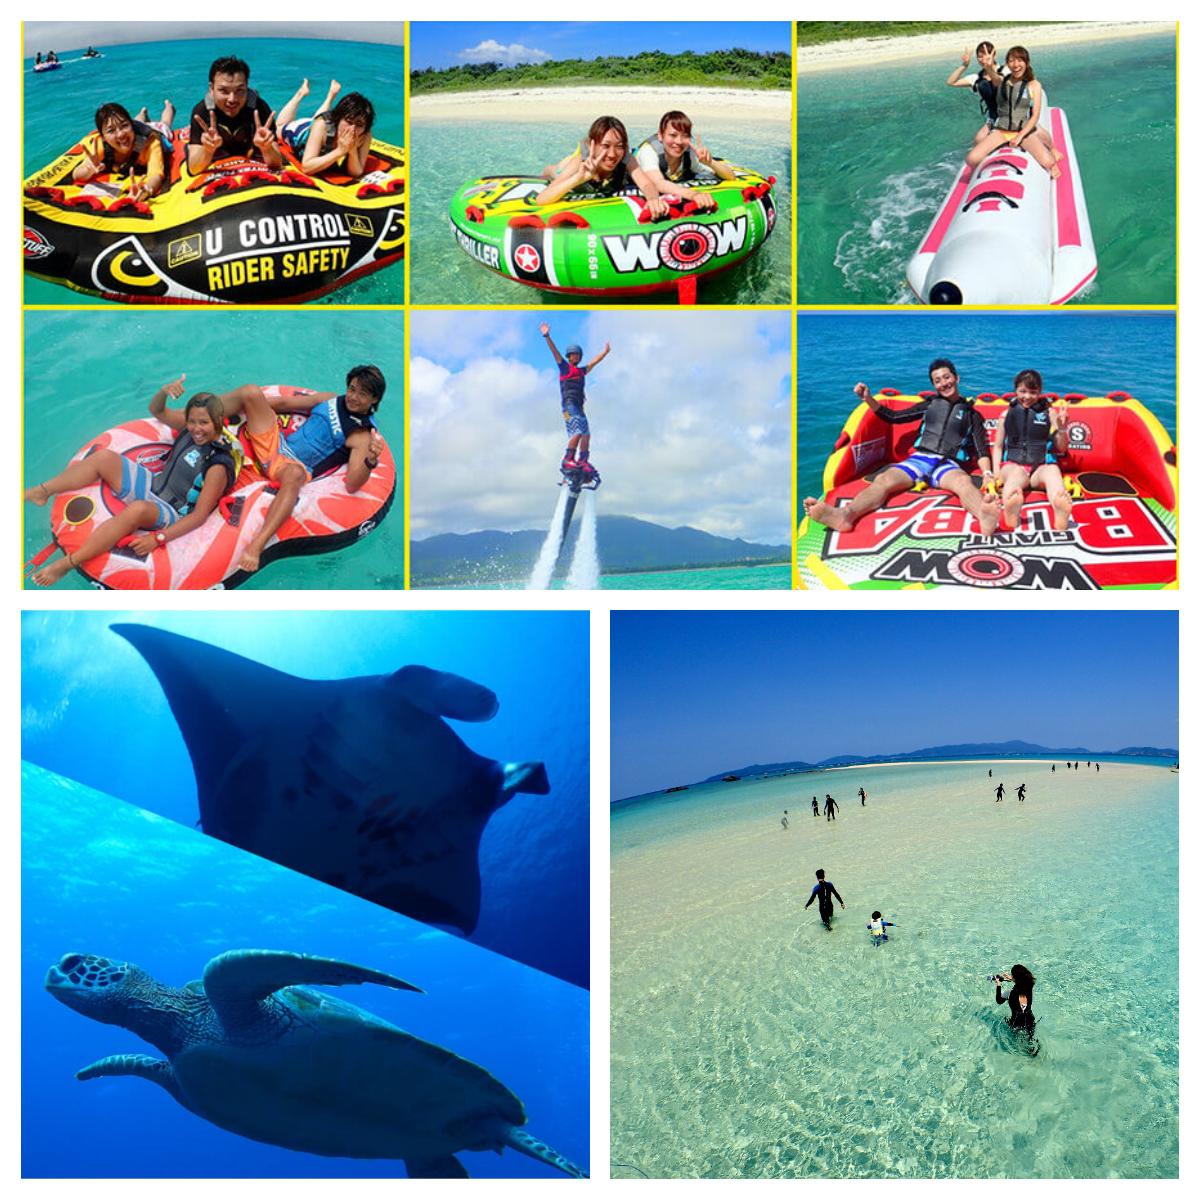 【1日コース】Dコース:幻の島+マンタ・海ガメシュノーケル+サンゴ礁シュノーケル+マリンスポーツ遊び放題(コース①+⑥)